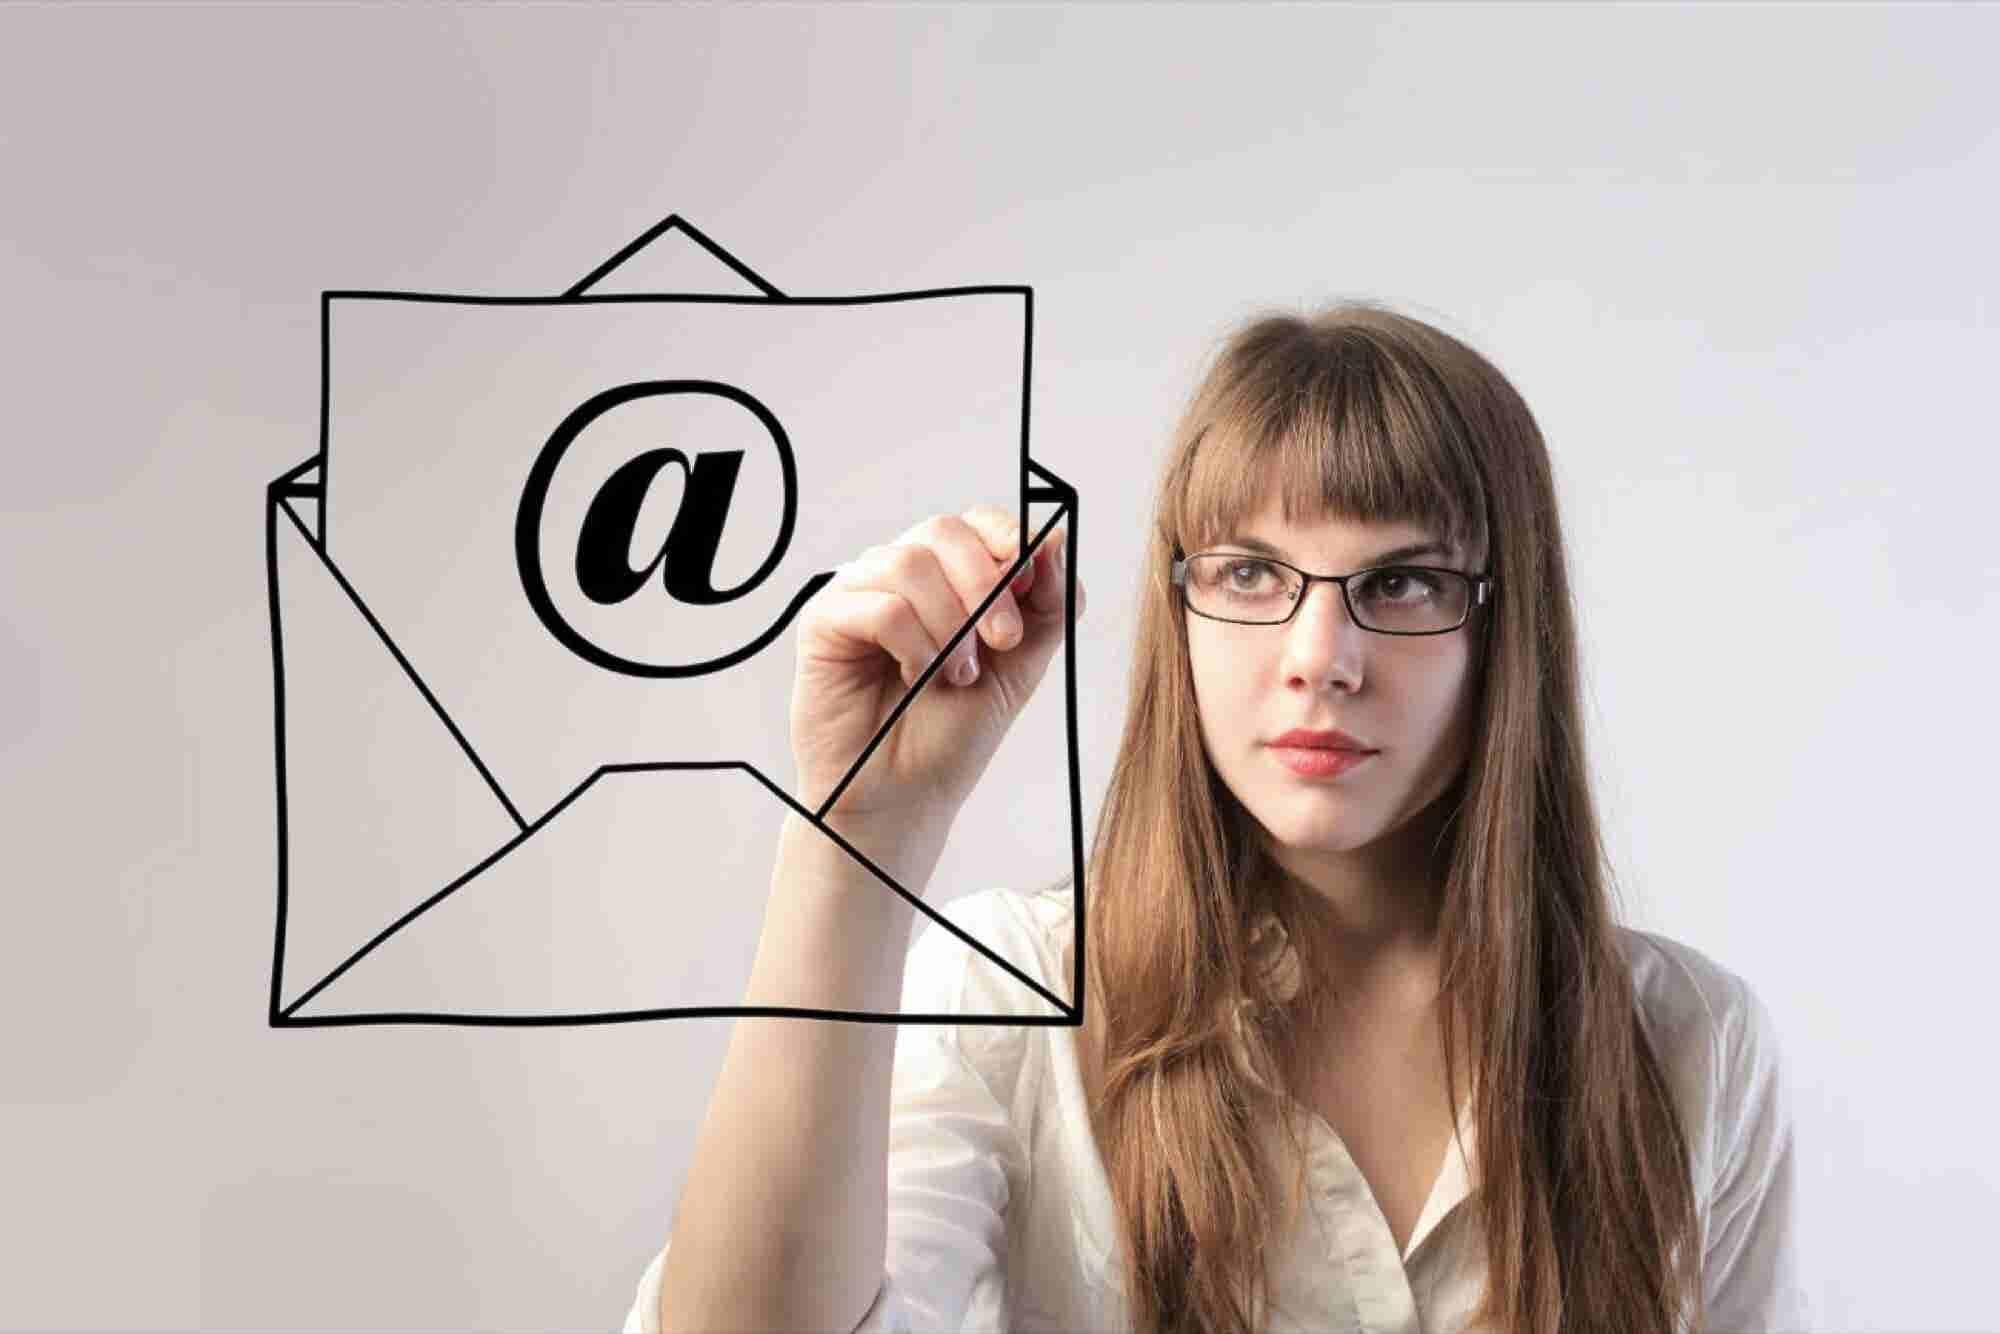 Haz emails de 5 oraciones